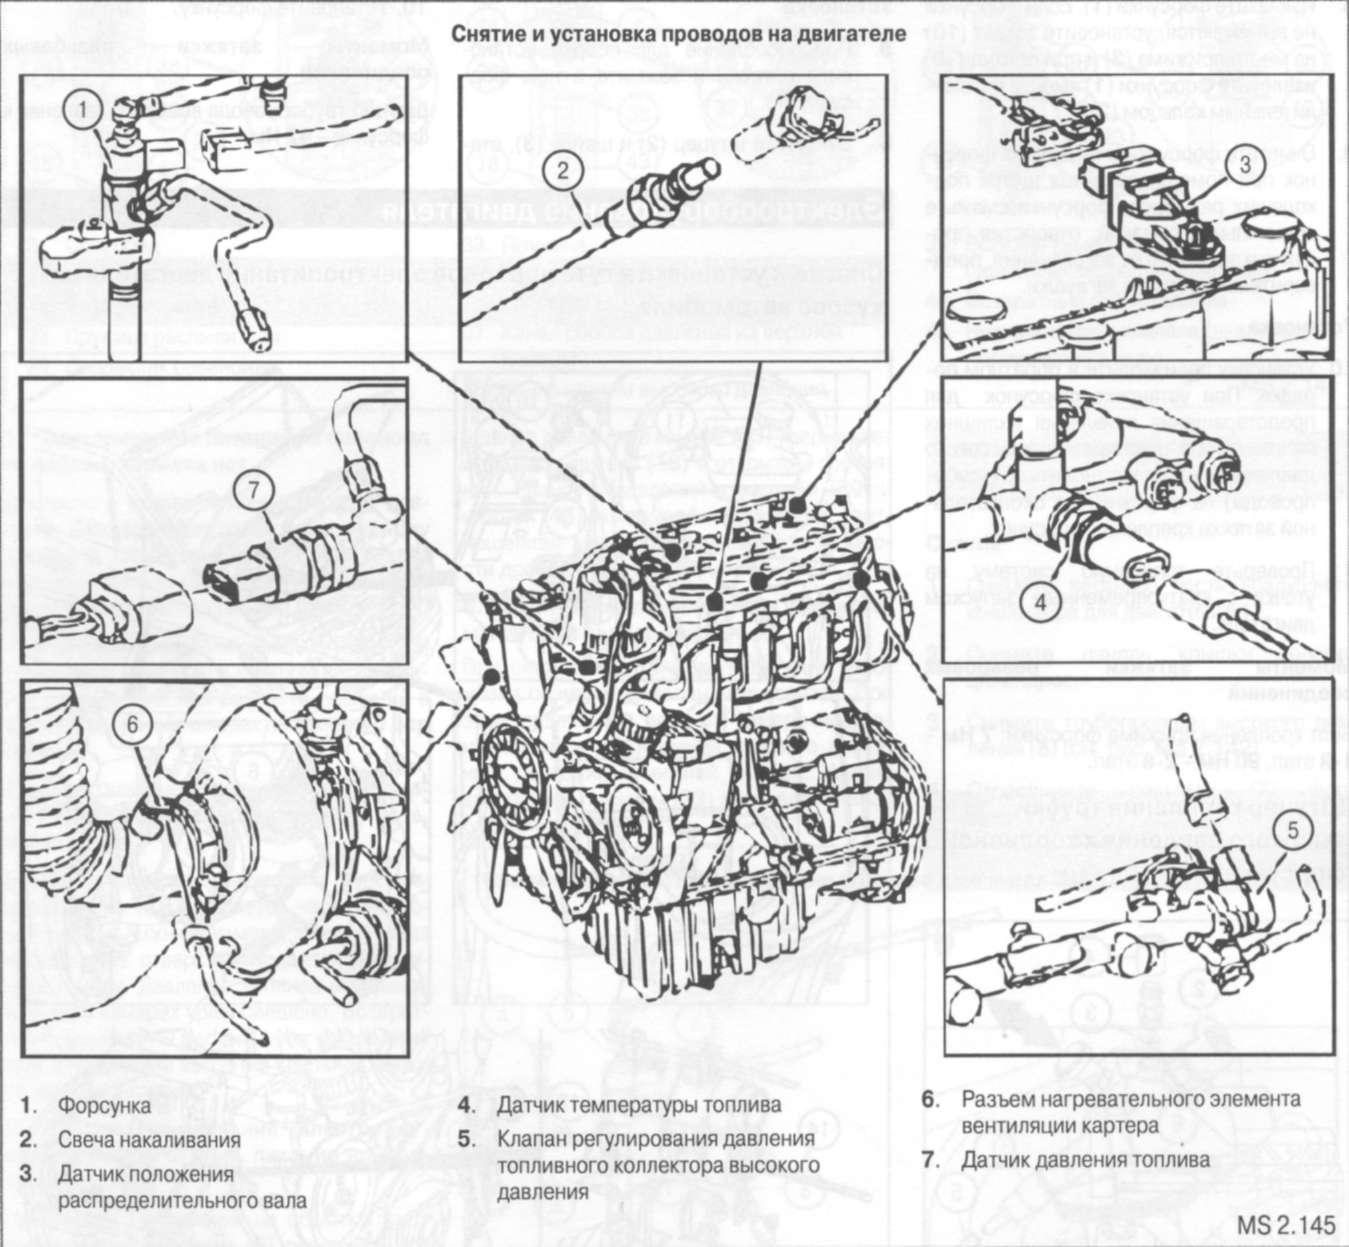 4.2.2 Снятие и установка жгута проводов электропитания двигателя на кузове автомобиля